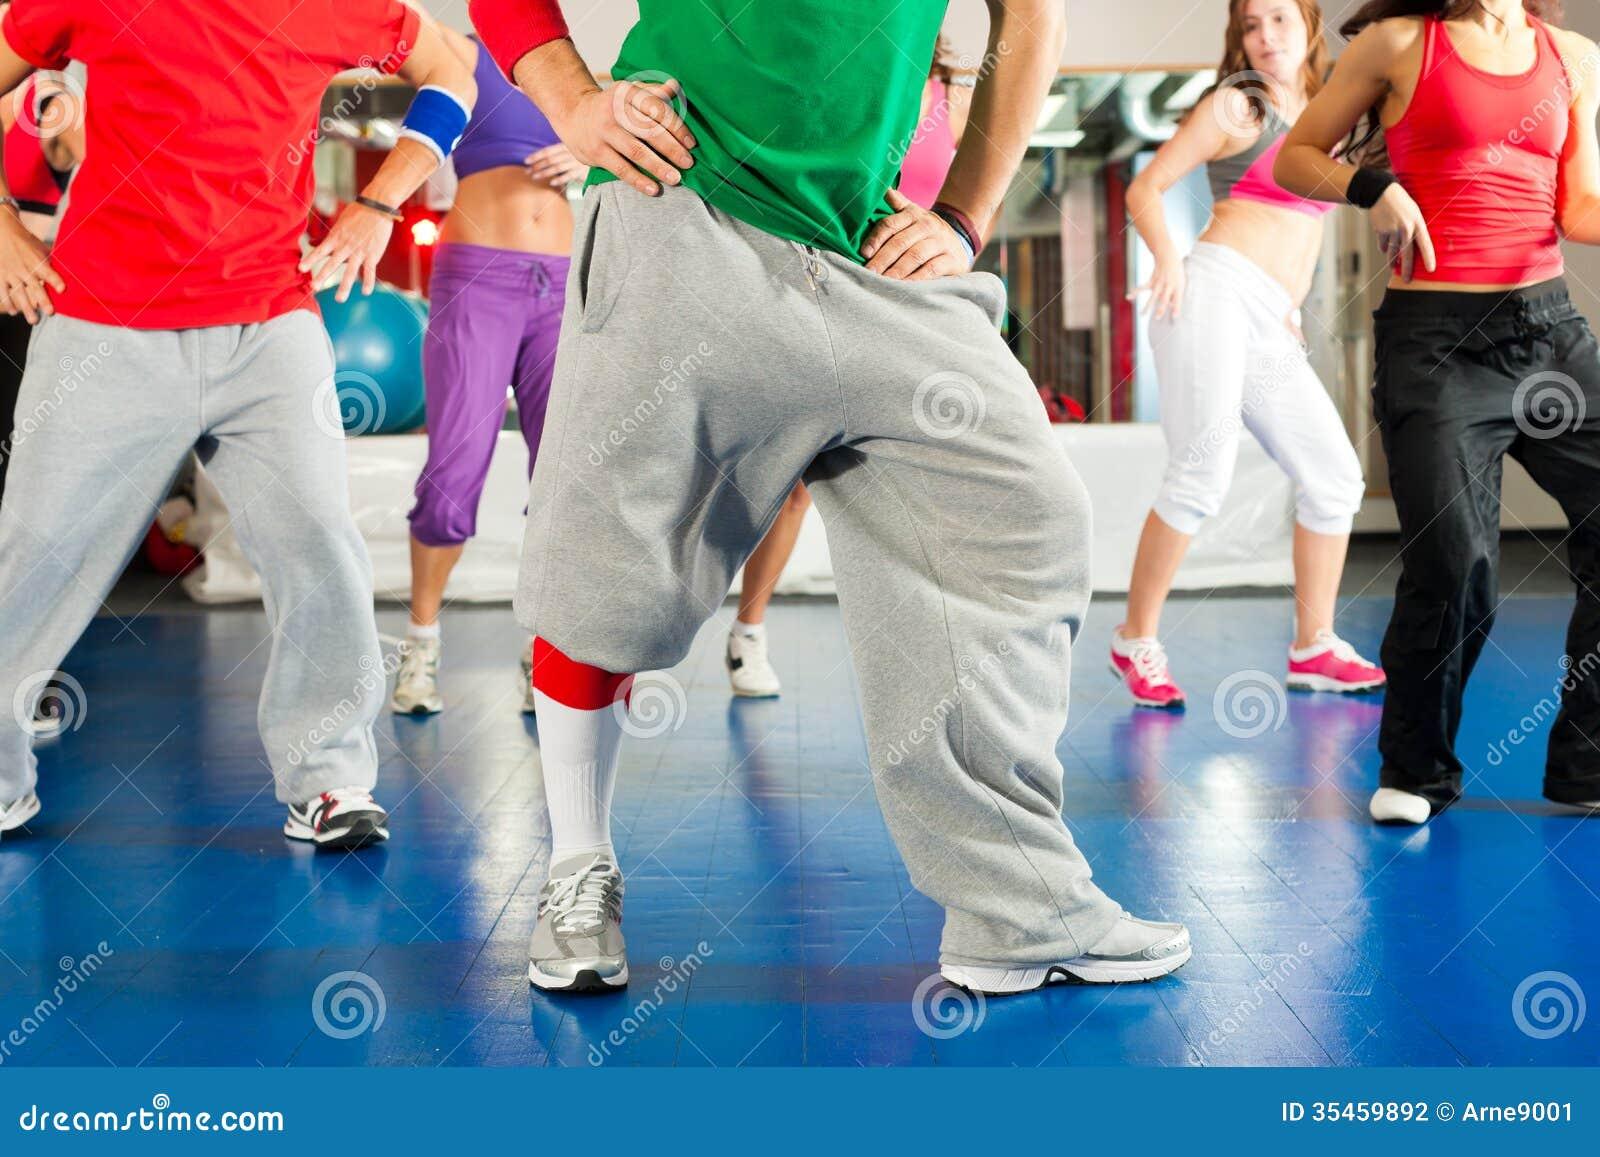 Sprawność fizyczna - Zumba trening w gym i szkolenie